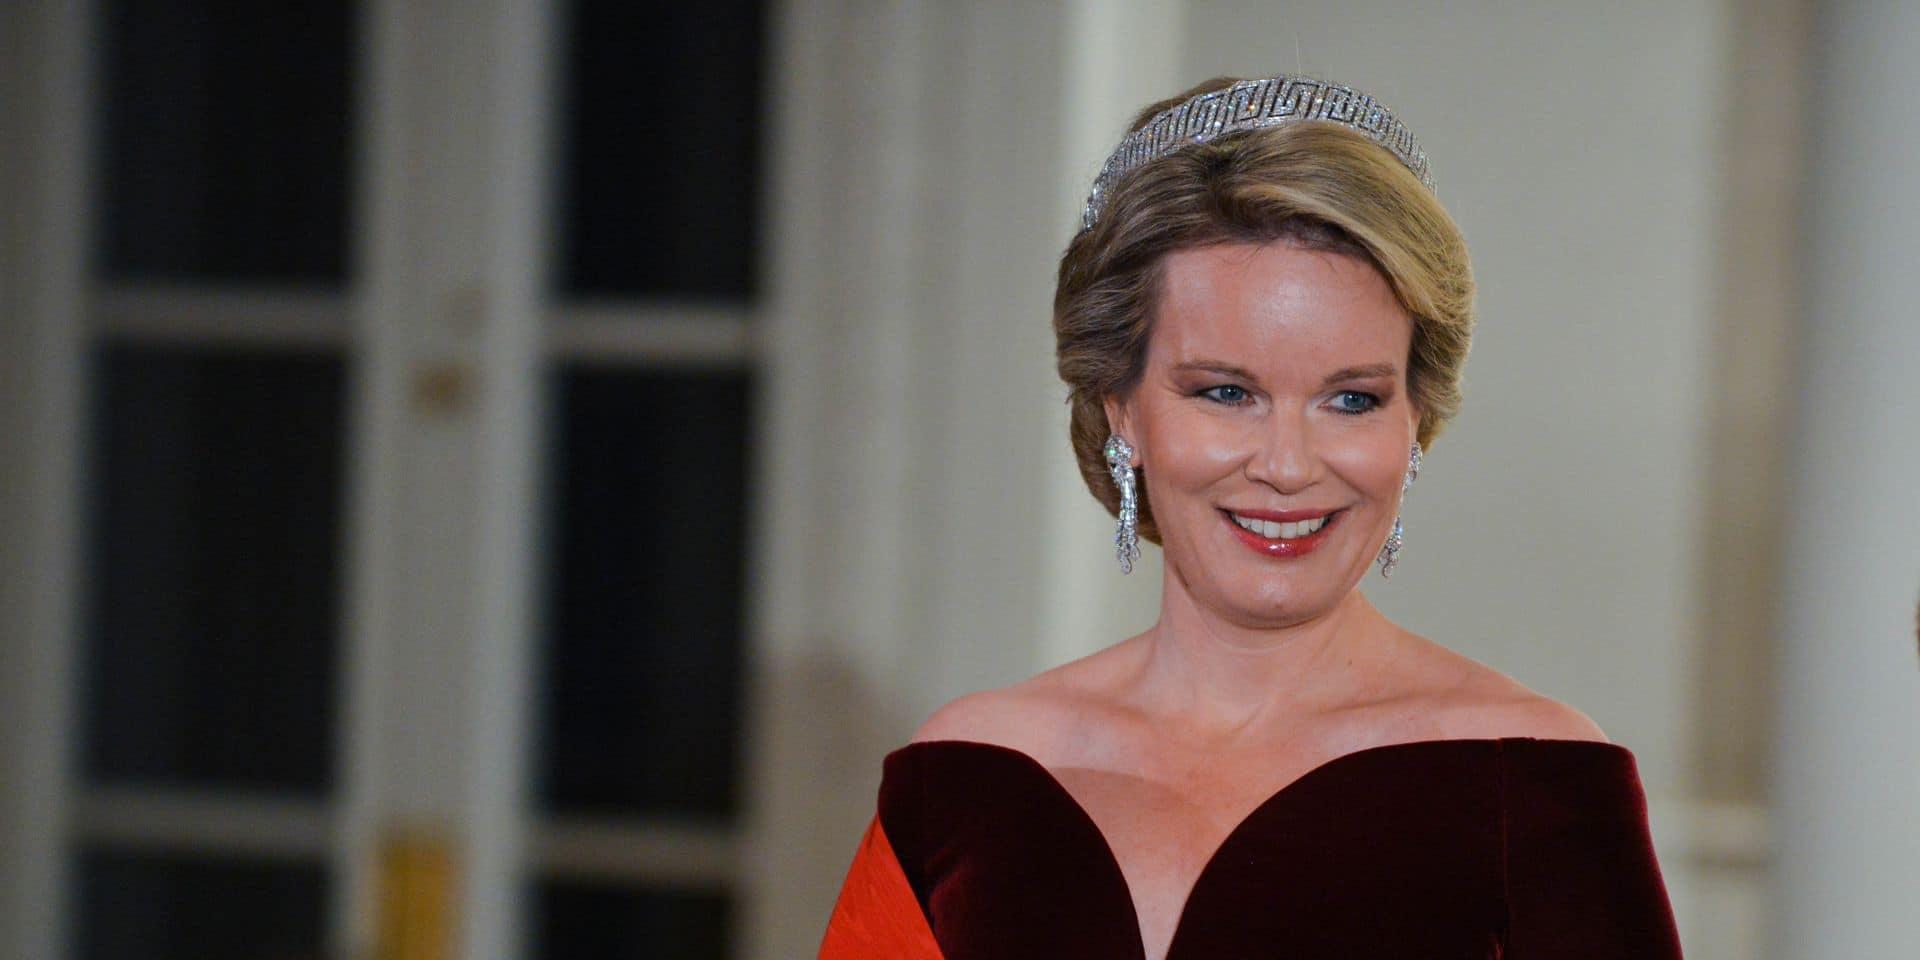 Le maquilleur de la Reine interpellé dans le cadre d'une enquête sur un vol de bijoux au Luxembourg